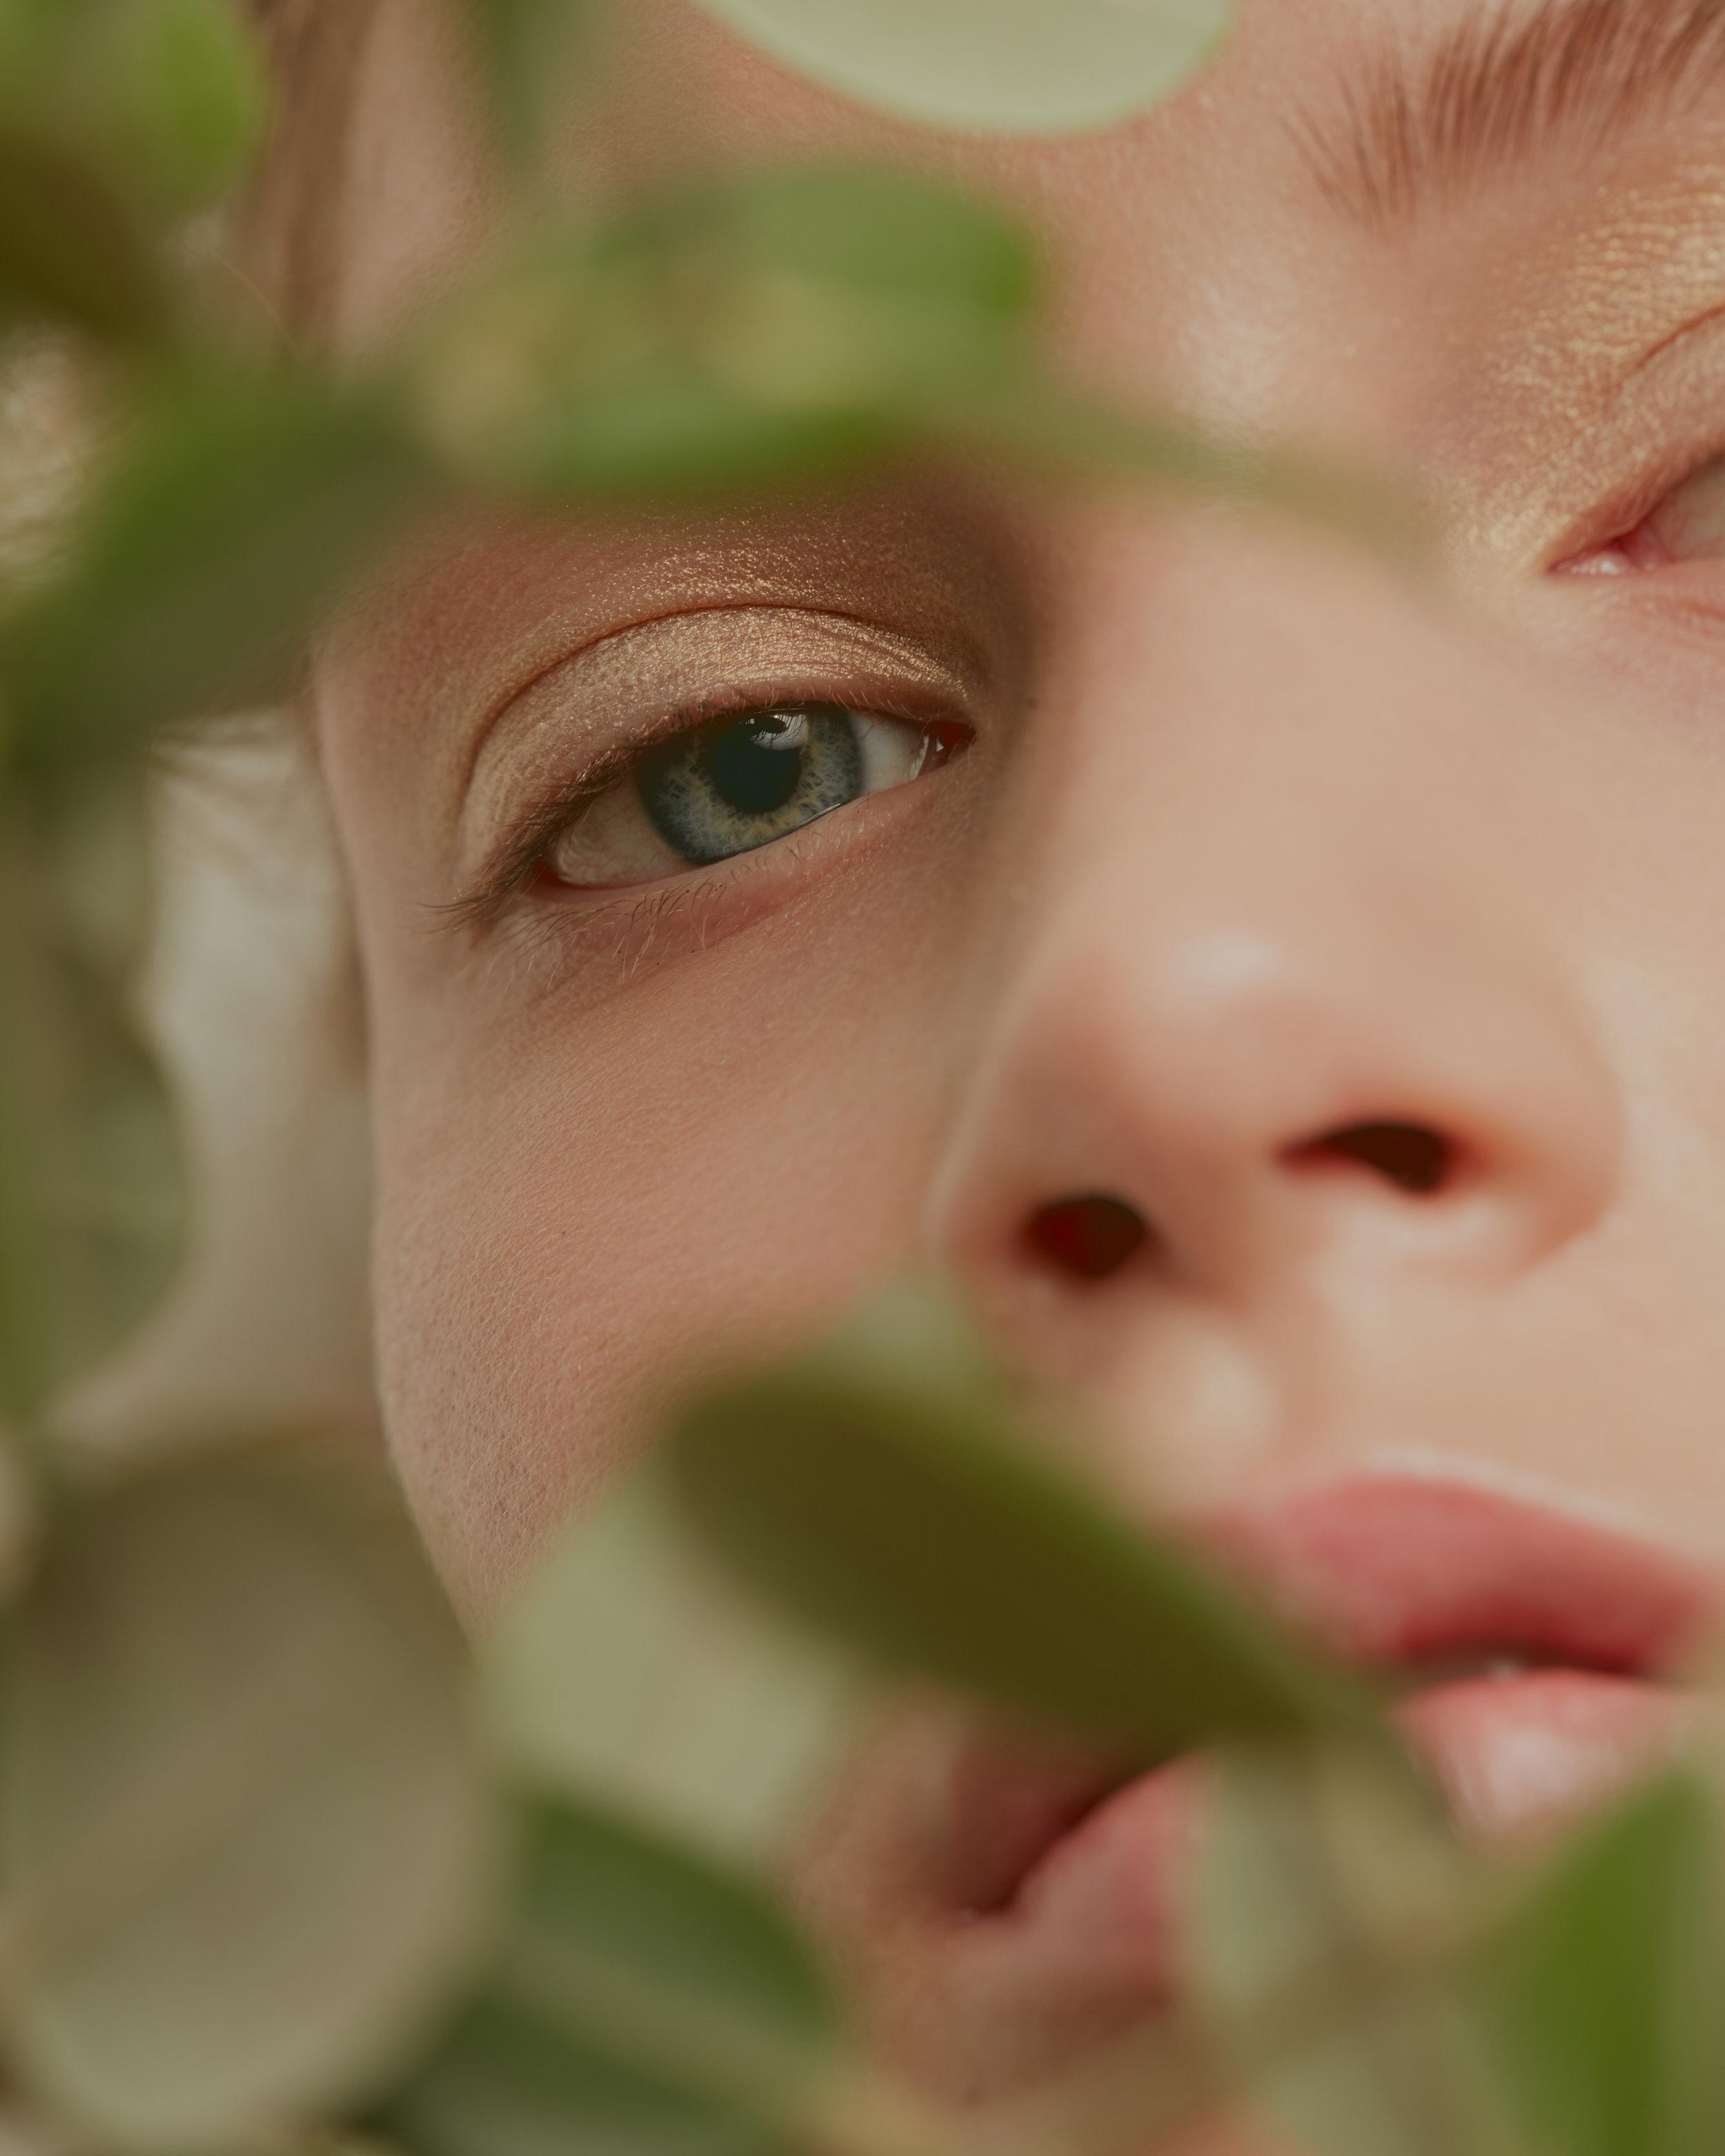 Eyeshadow KIKO. Lips DIOR BACKSTAGE. Skin PRO MAKEUP LABORATORY